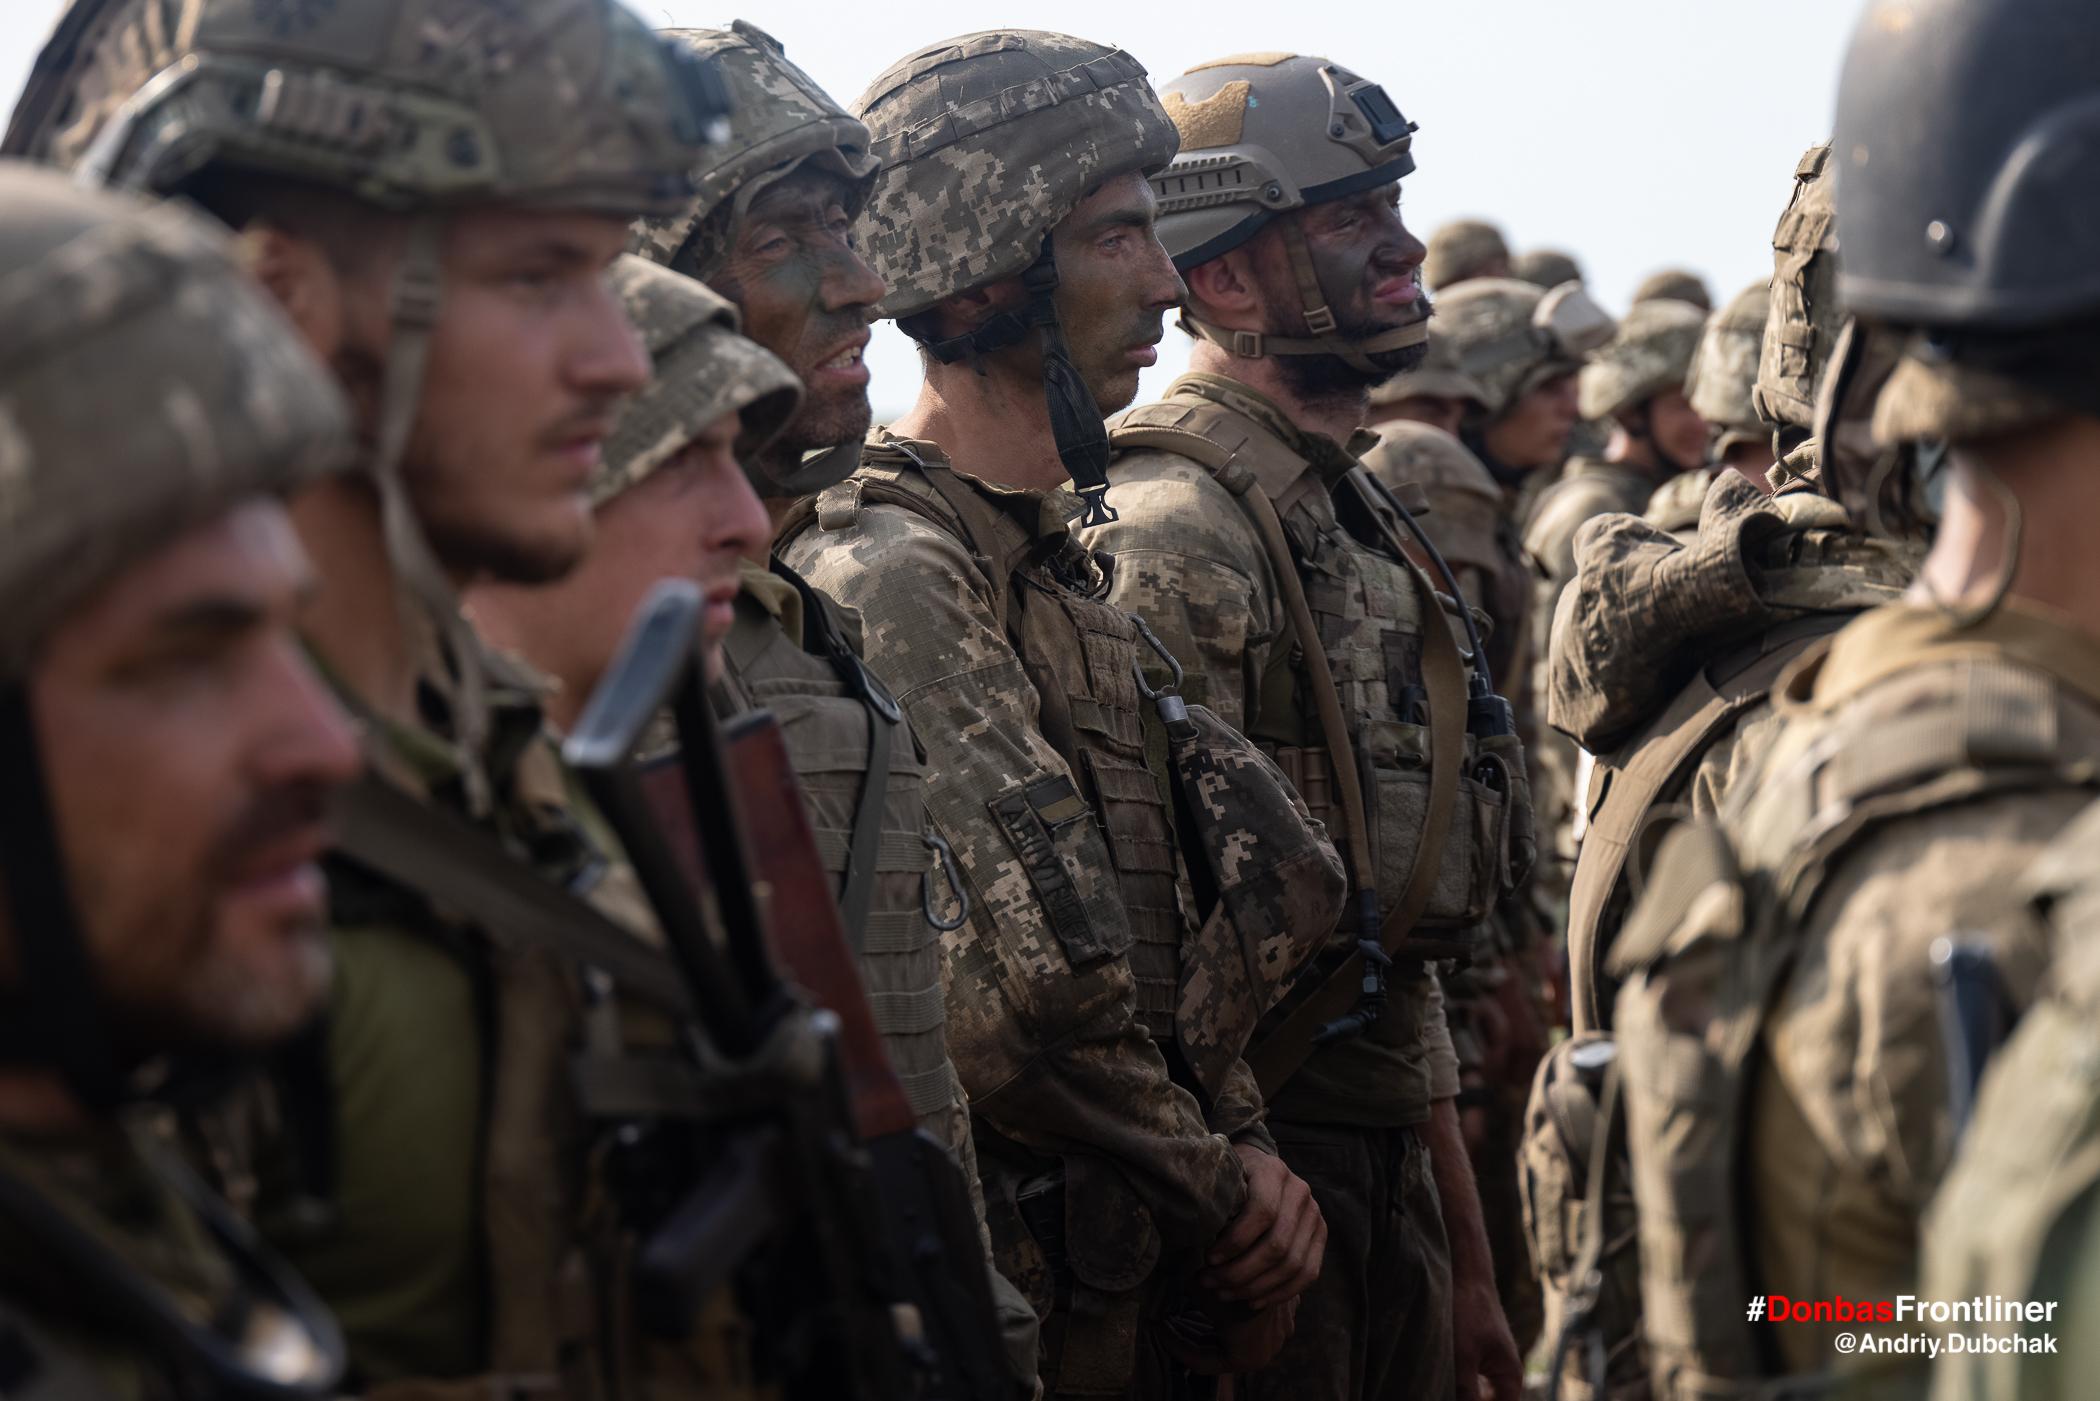 Морпіхи на шикуванні. Бойове тренування 503-го батальйону морської піхоти на Приазов'ї, липень 2021 року